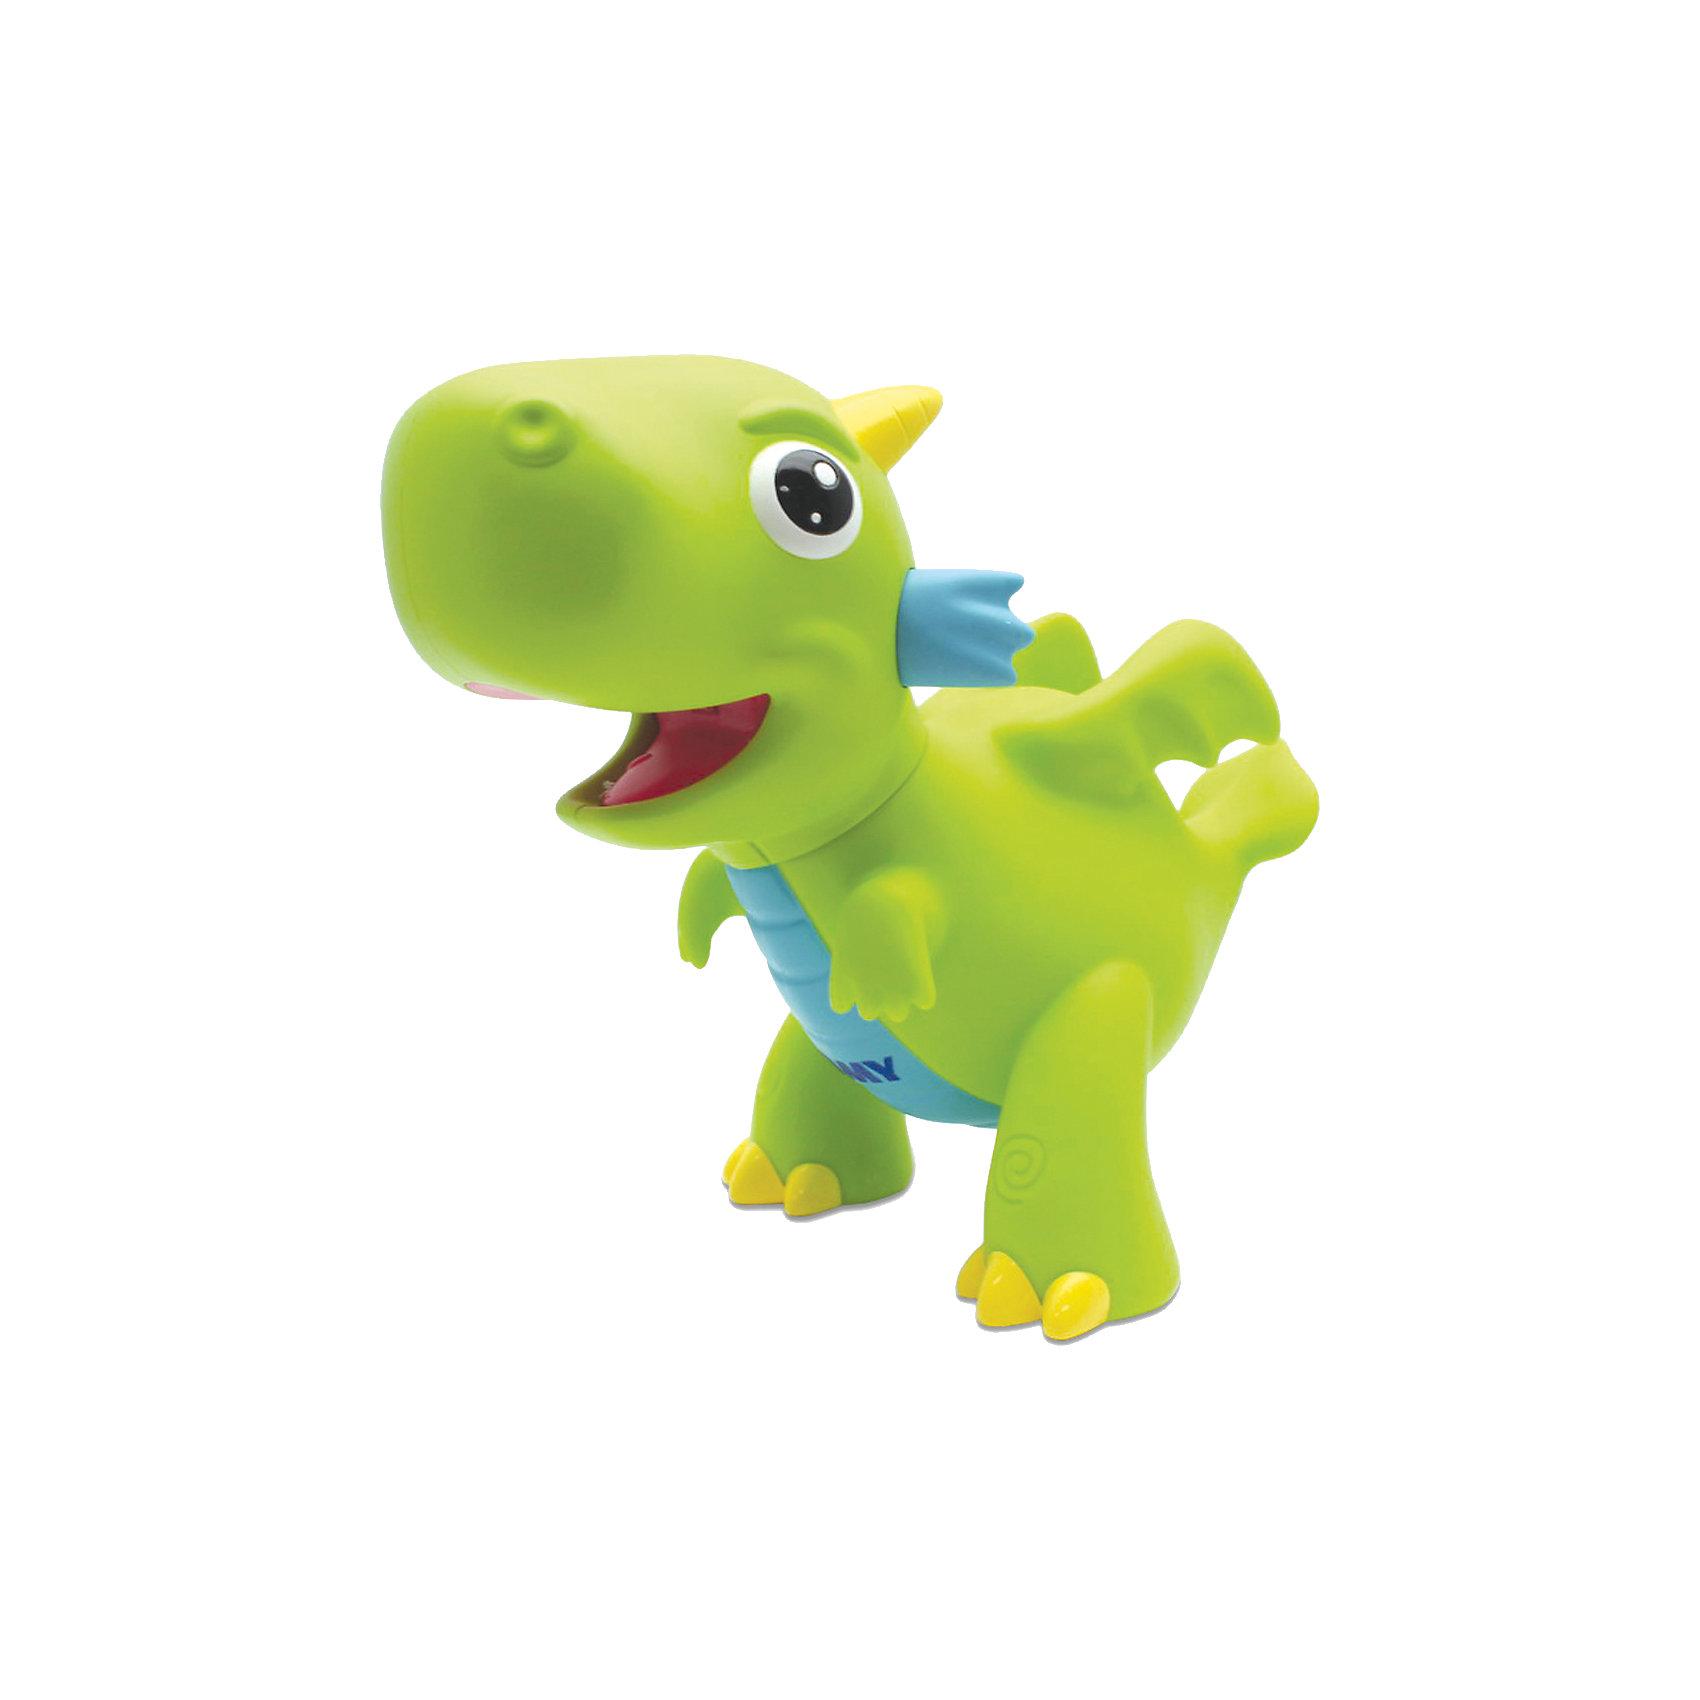 Игрушка  для ванной Водный дракон, TOMYДинамические игрушки<br>Игрушка для ванны Водный дракон, Tomy (Томи) - забавная яркая игрушка, которая развлечет малыша во время купания. Симпатичный зеленый дракончик выпускает яркое пламя как настоящий сказочный дракон. Погрузите игрушку в воду, а затем нажмите ей на животик - из пасти дракончика будут вырываться струи воды с яркой красной подсветкой, что вызовет восторг у Вашего ребенка.<br><br>Дополнительная информация:<br><br>- Материал: пластик.<br>- Требуются батарейки: 3 х LR44 (входят в комплект).<br>- Размер игрушки: 14,5 x 8,2 x 12,7 см. <br>- Вес: 132 гр.<br><br> Игрушку для ванны Водный дракон, Tomy (Томи), можно купить в нашем интернет-магазине.<br><br>Ширина мм: 228<br>Глубина мм: 192<br>Высота мм: 126<br>Вес г: 237<br>Возраст от месяцев: 18<br>Возраст до месяцев: 36<br>Пол: Унисекс<br>Возраст: Детский<br>SKU: 3965959